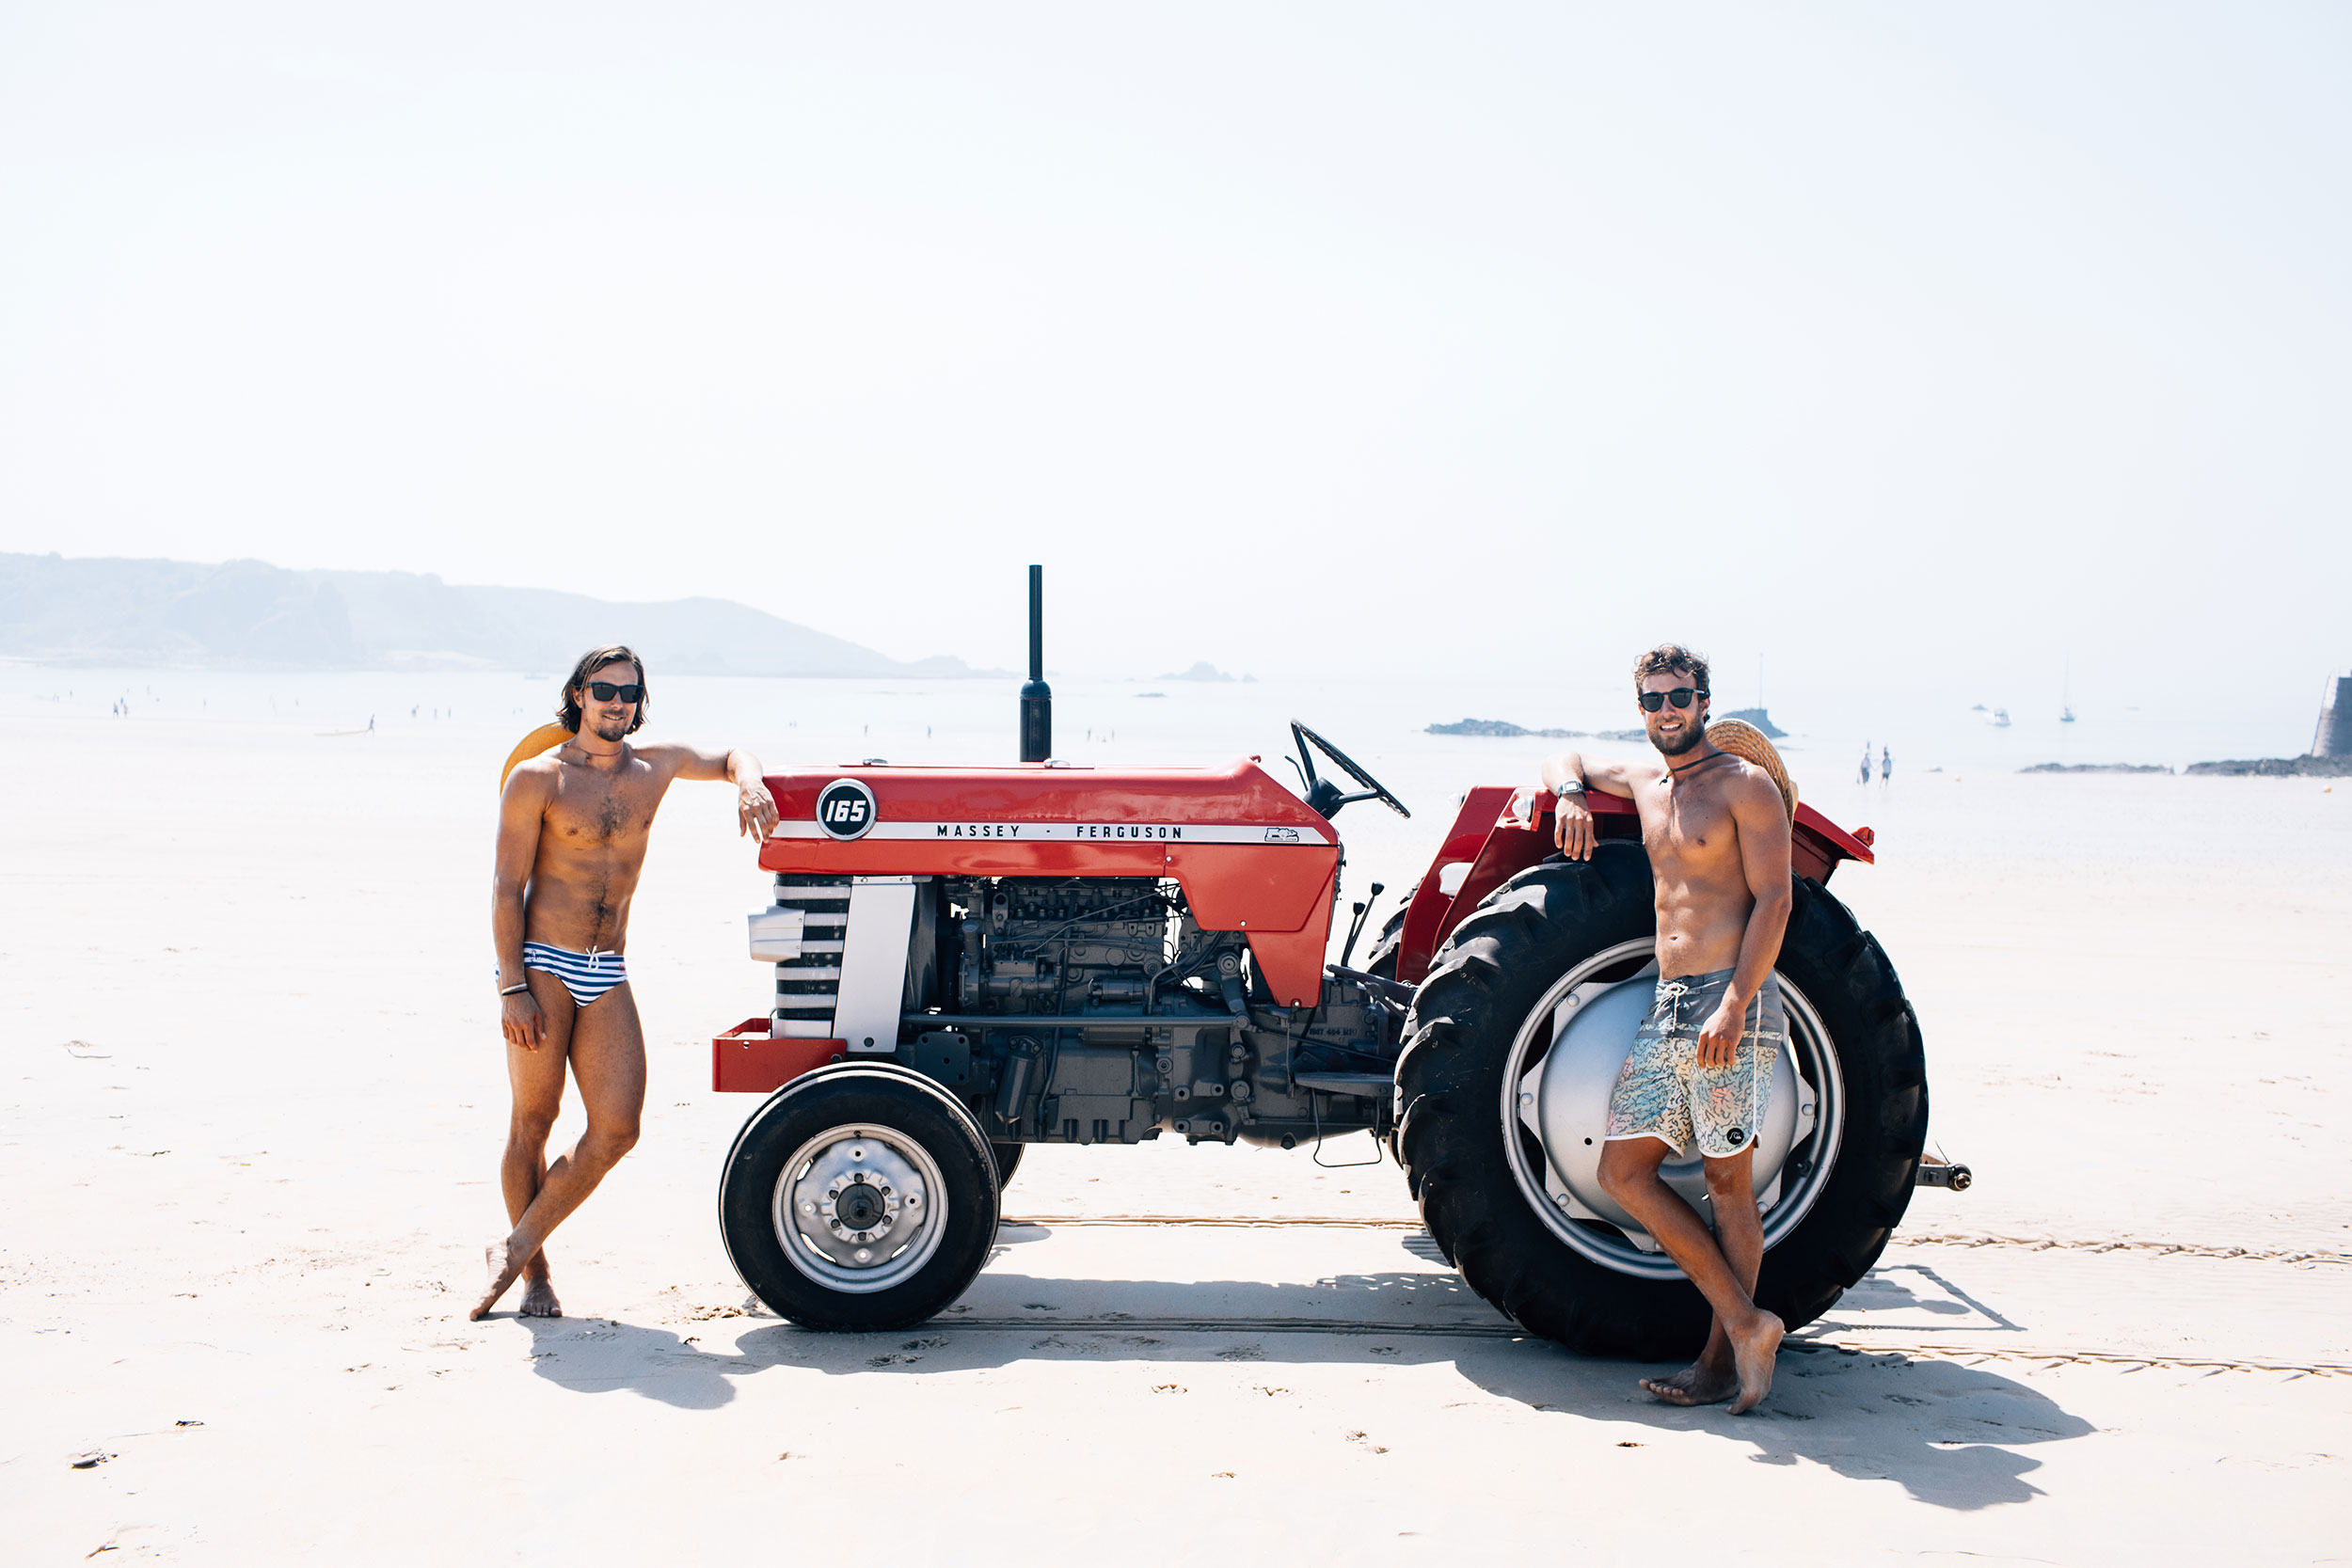 Tractorporn_0005_7748.jpg